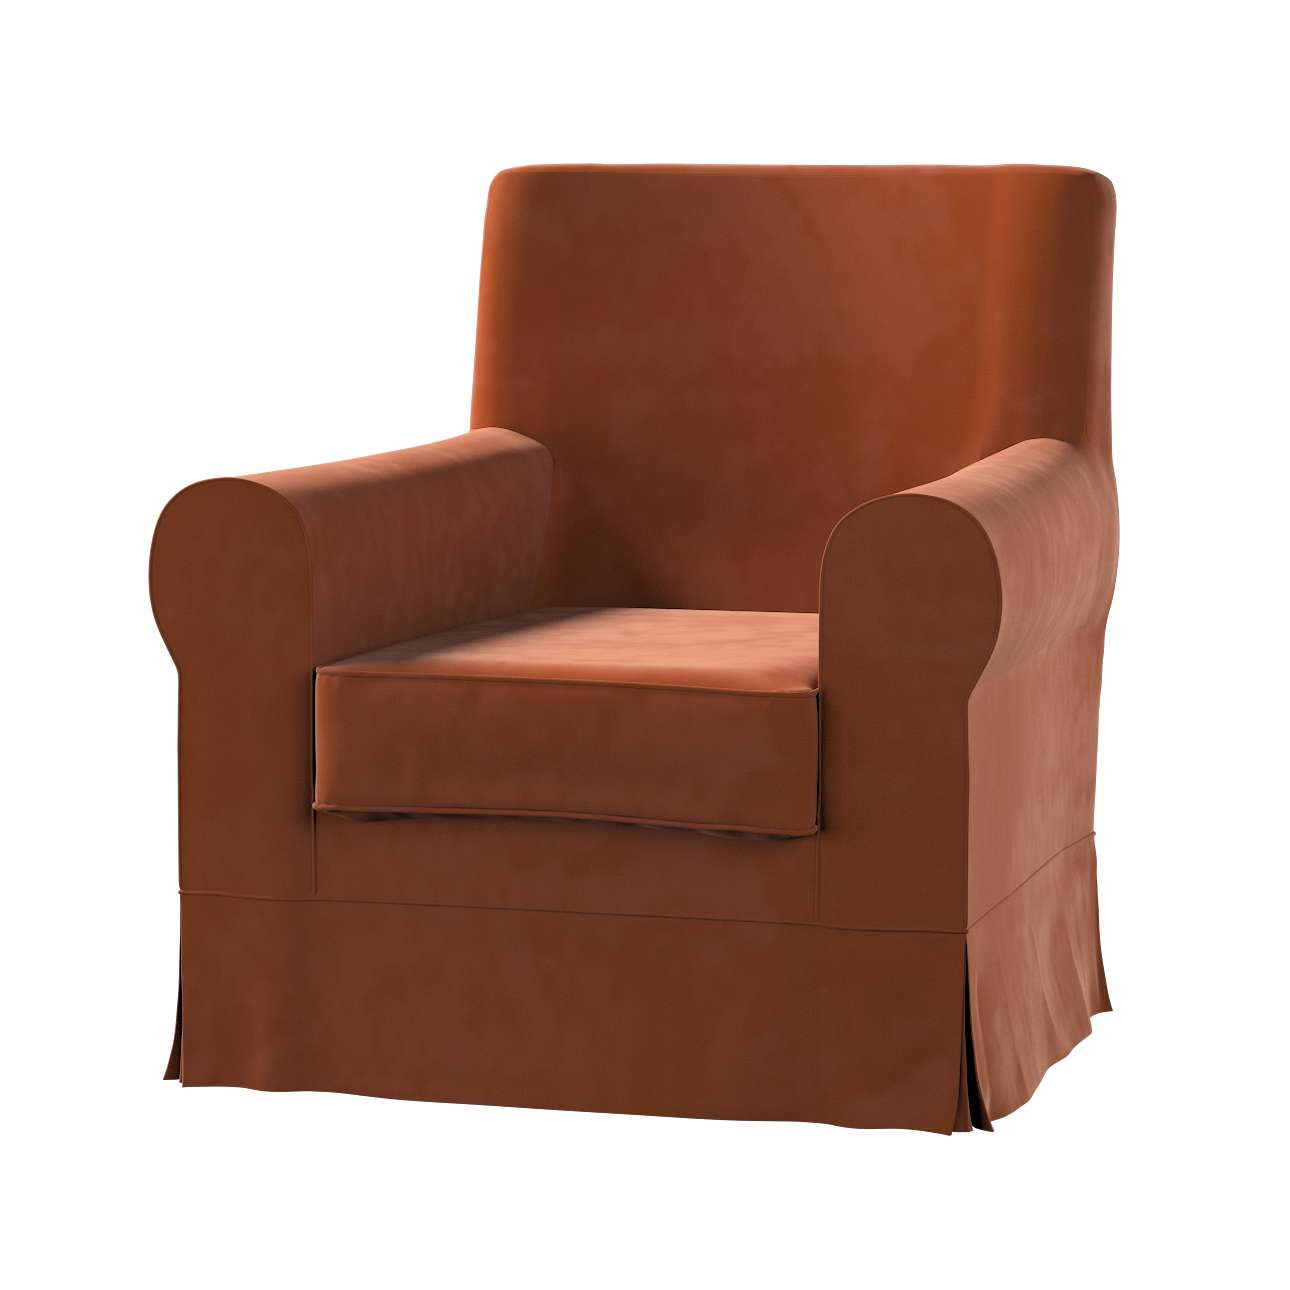 Pokrowiec na fotel Ektorp Jennylund w kolekcji Velvet, tkanina: 704-33